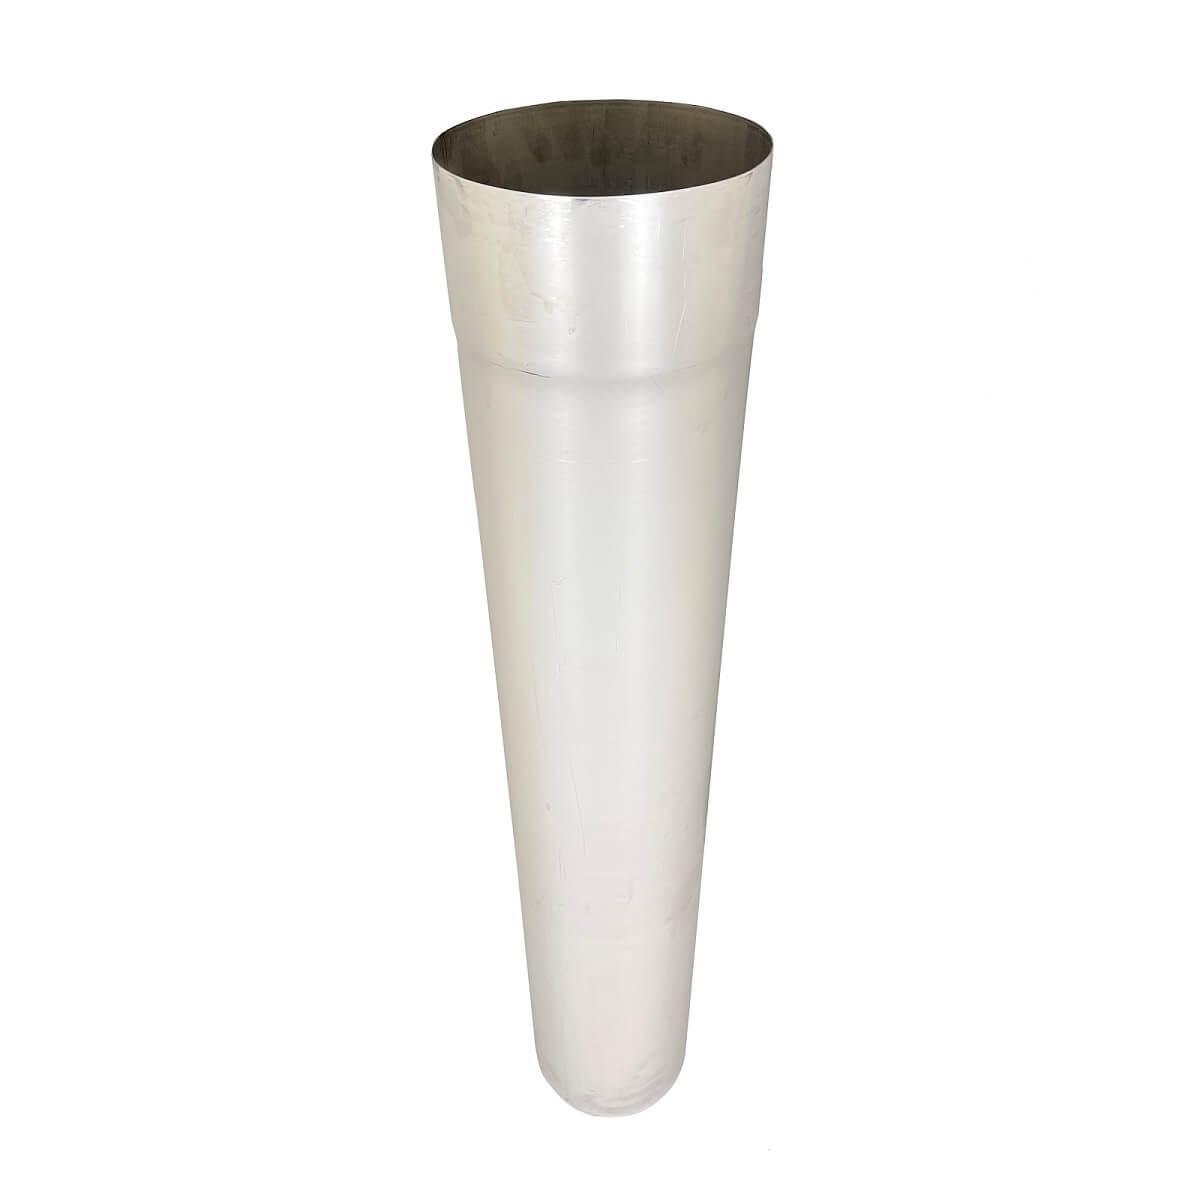 Труба для дымохода L-0,3 м D-350 мм толщина 0,8 мм